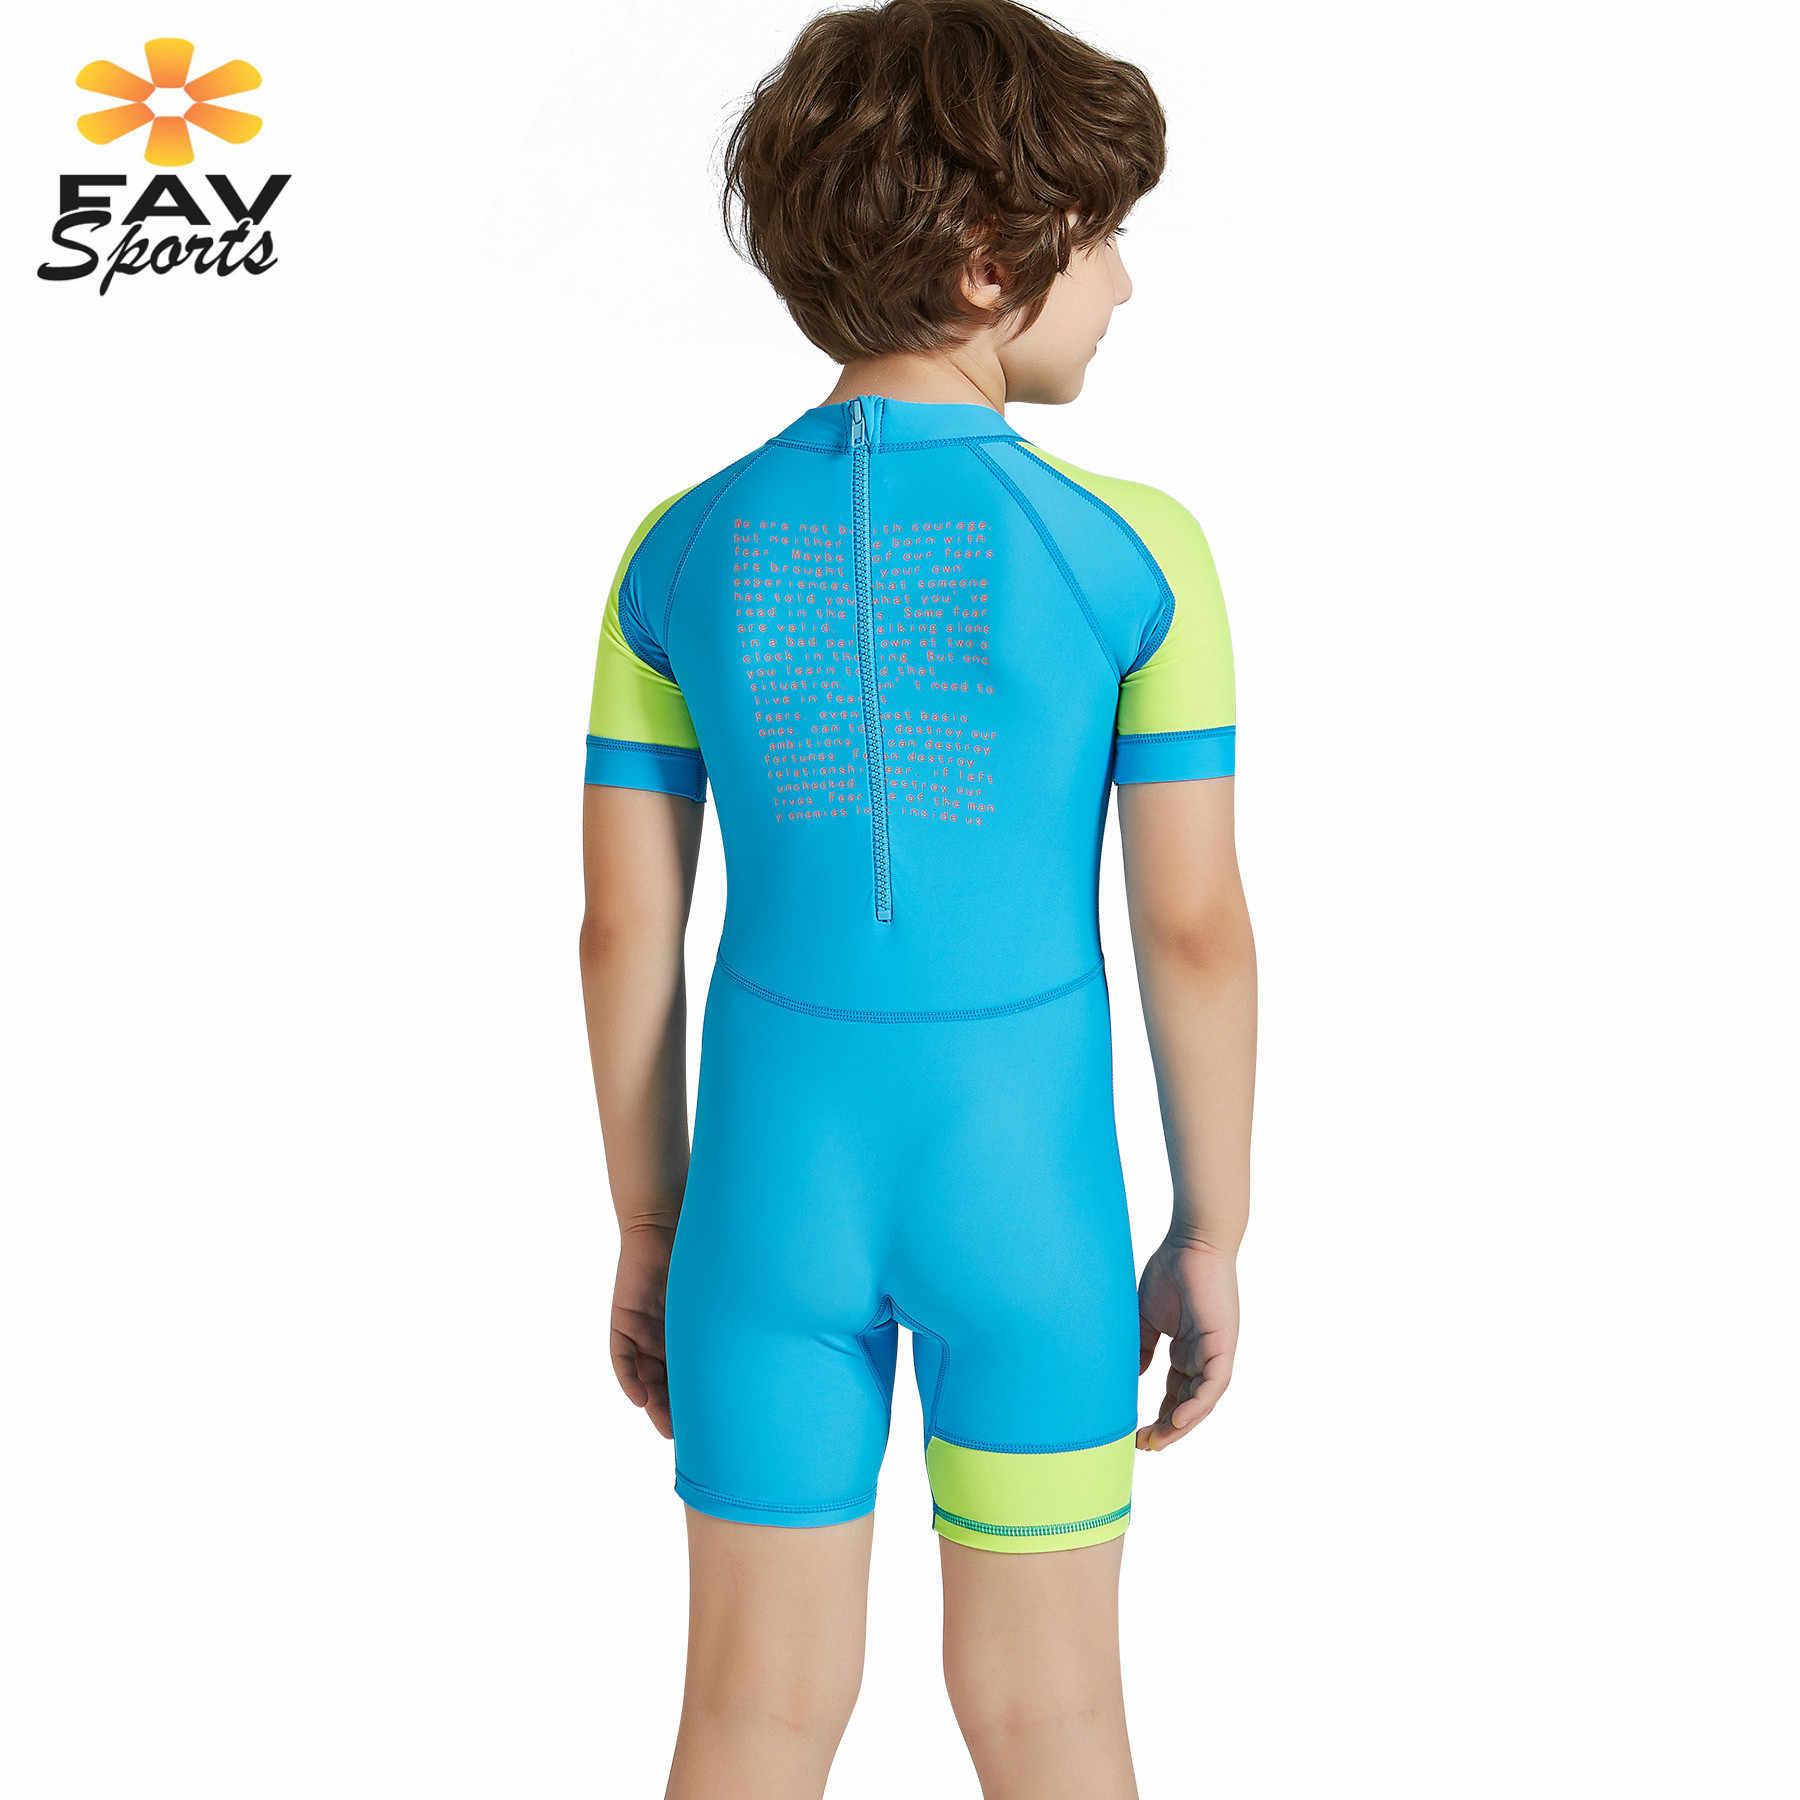 Korte mouw Scuba Wetsuits Kinderen Duikpakken Voor Jongen & Meisjes Rash Guard Badmode Uv-bescherming Shorts Surfen Jumpsuit